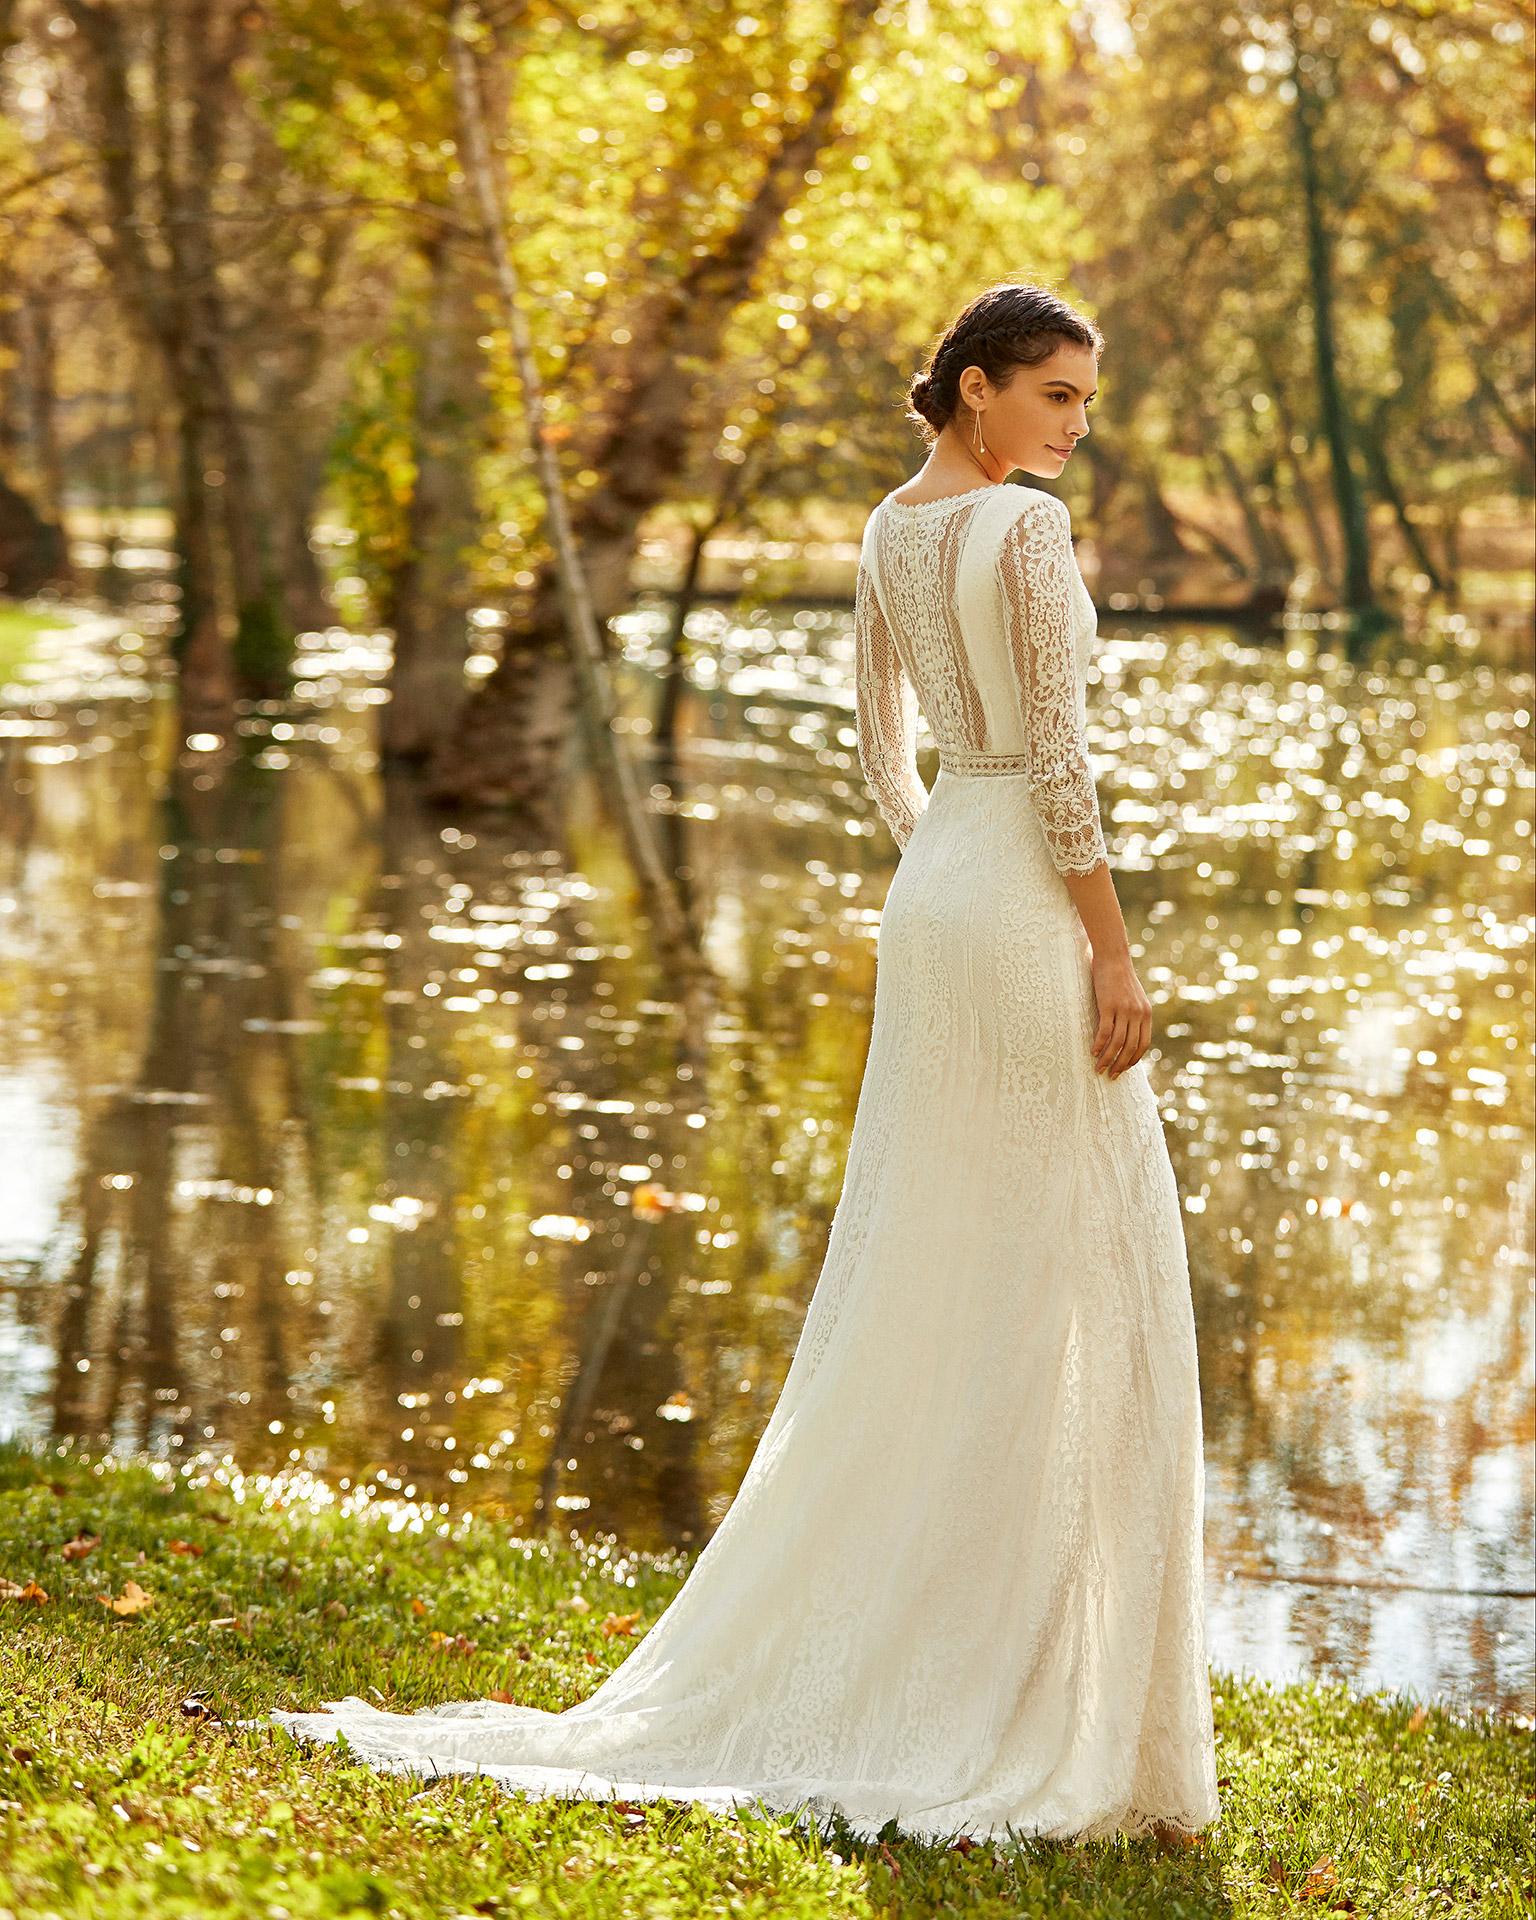 Vestido de novia estilo boho de encaje con abertura delantera, con escote en V y espalda cerrada con manga 3/4. Colección ALMA_NOVIA 2020.